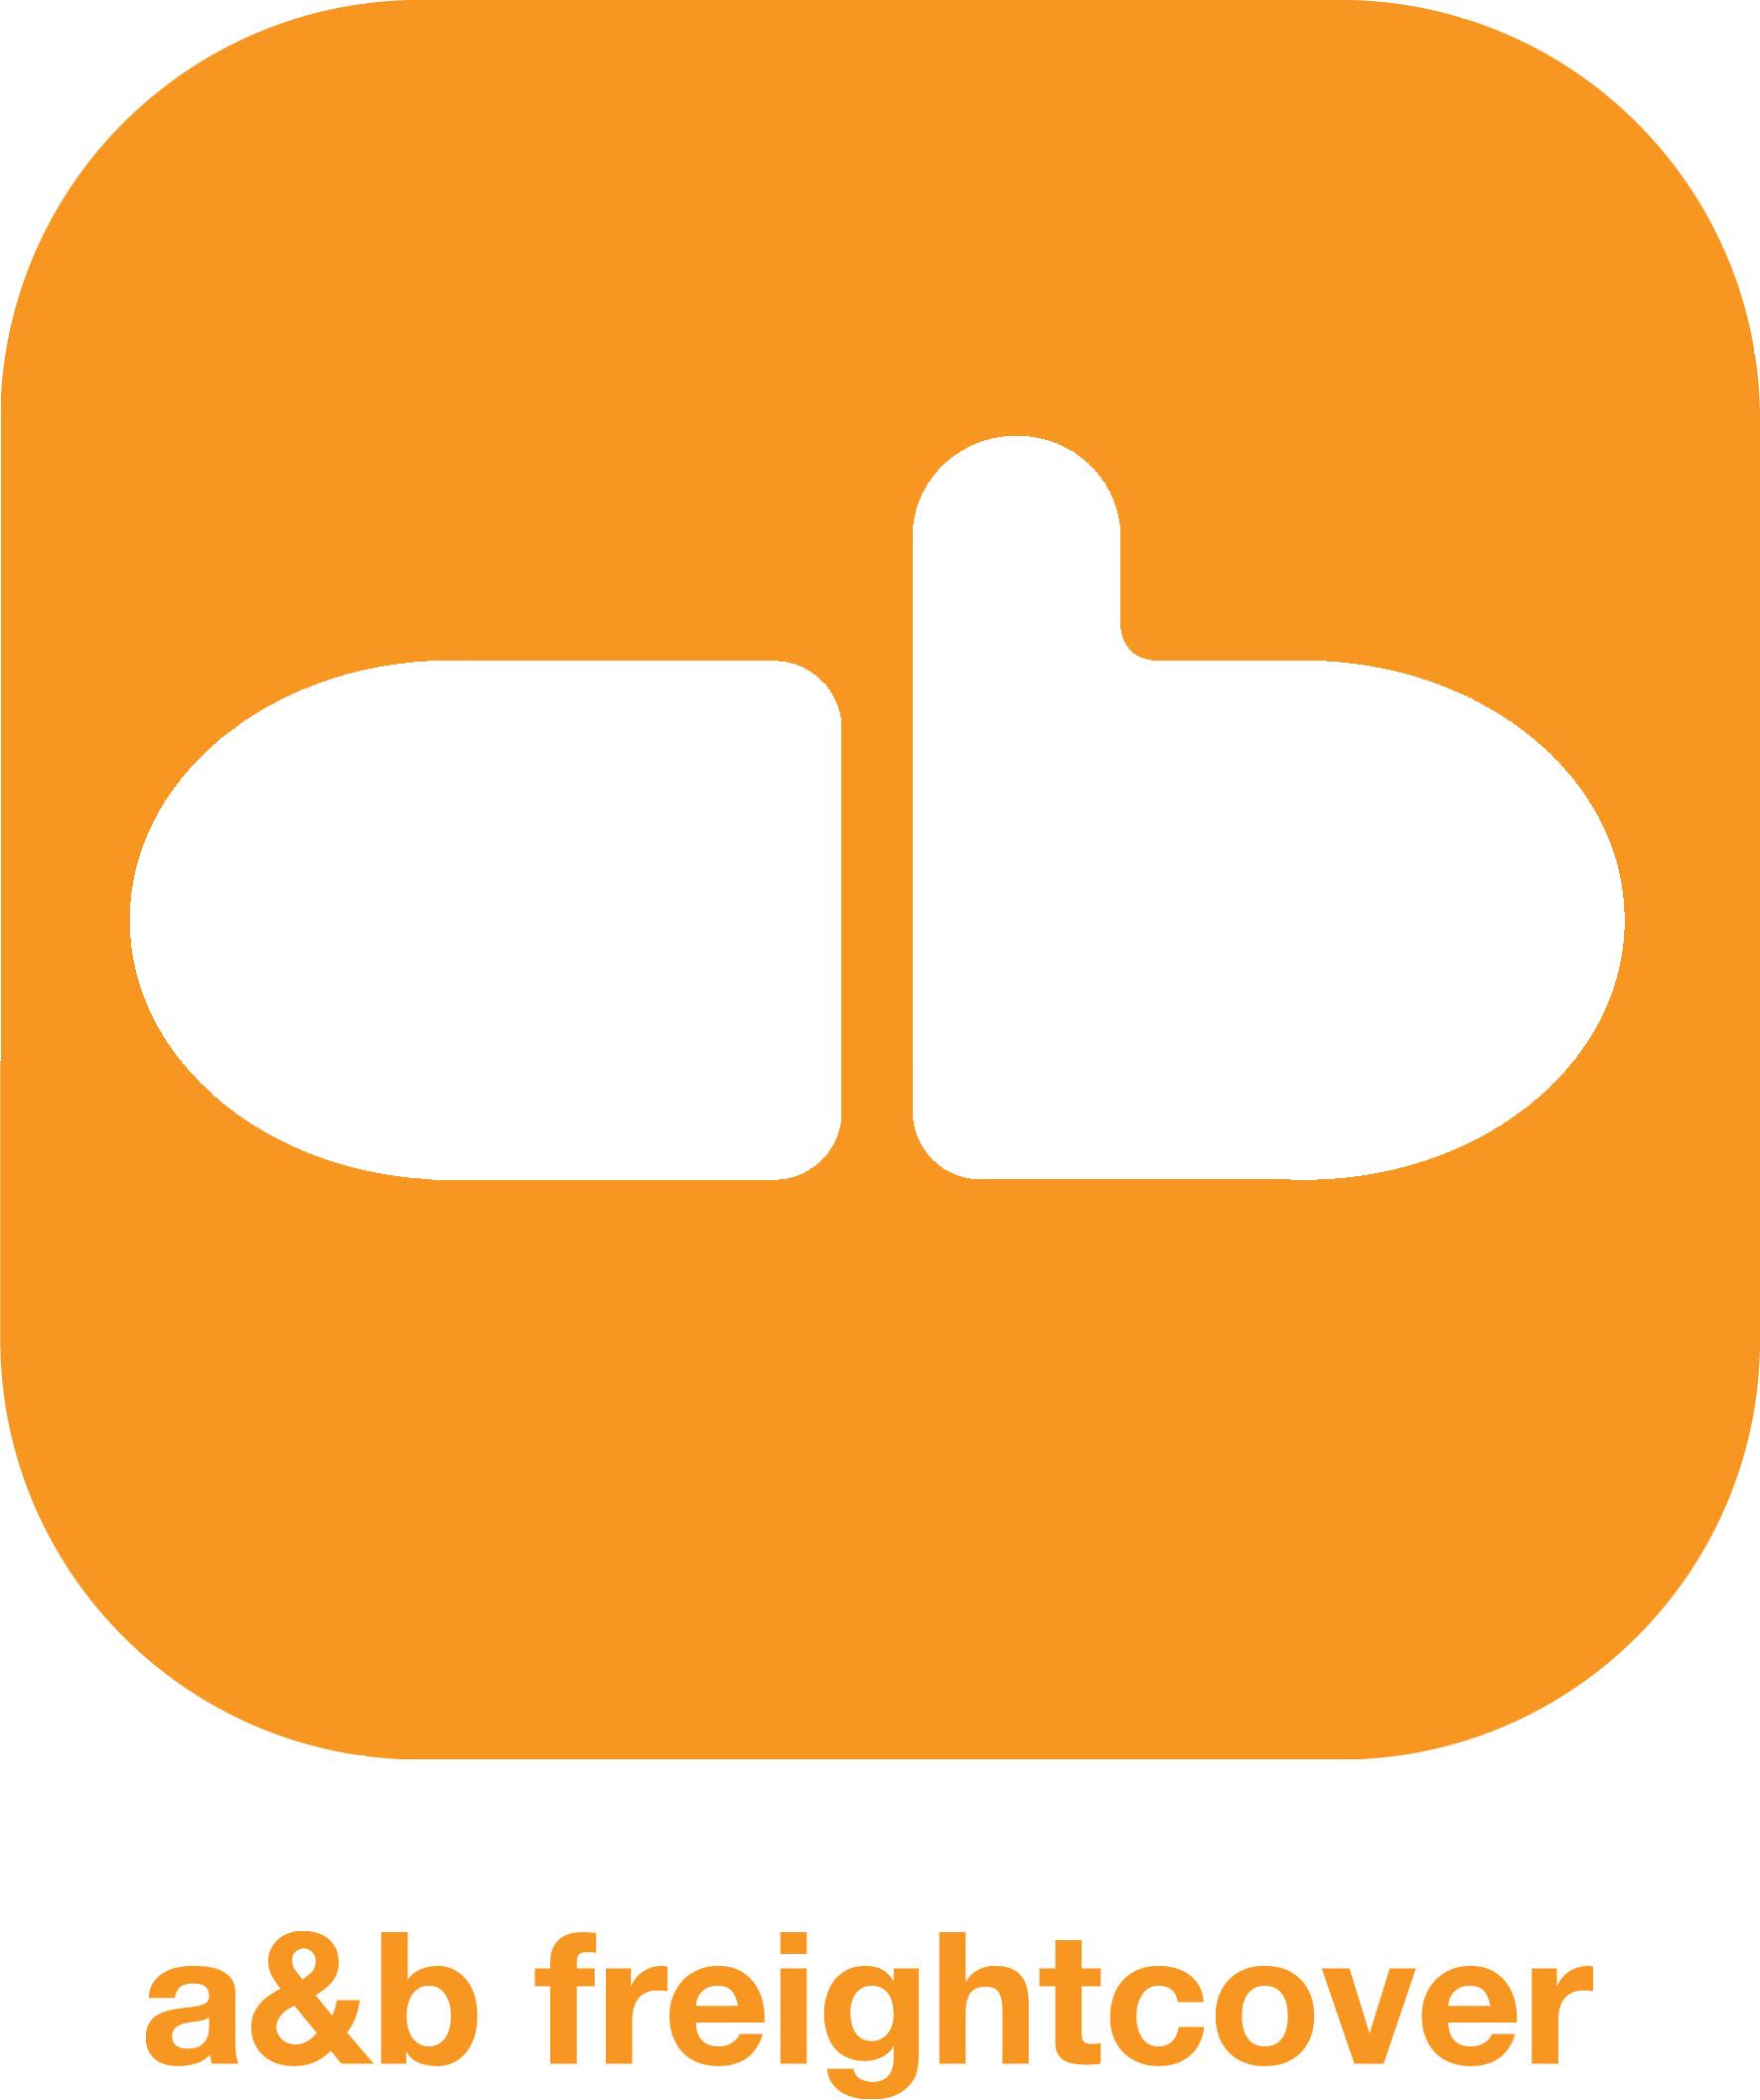 Freightcover.com